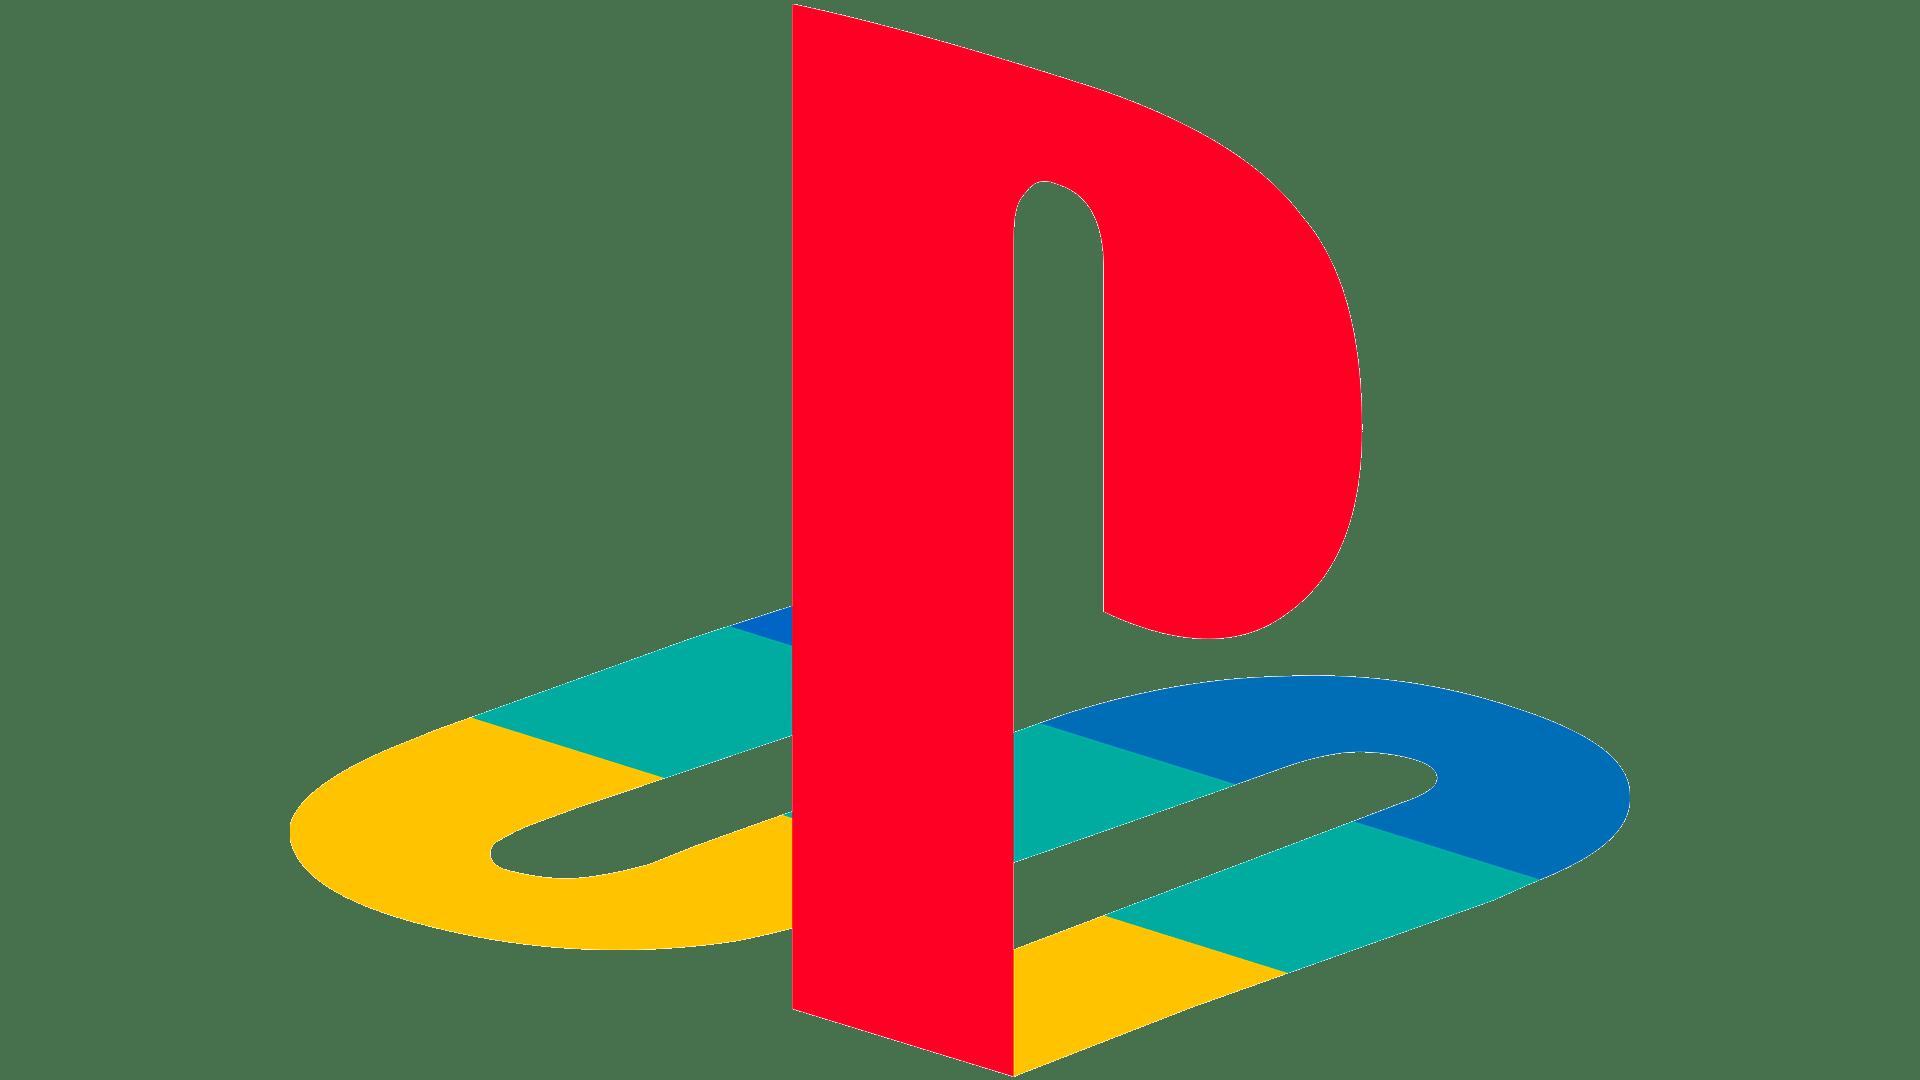 PlayStation Logo | Significado, História e PNG